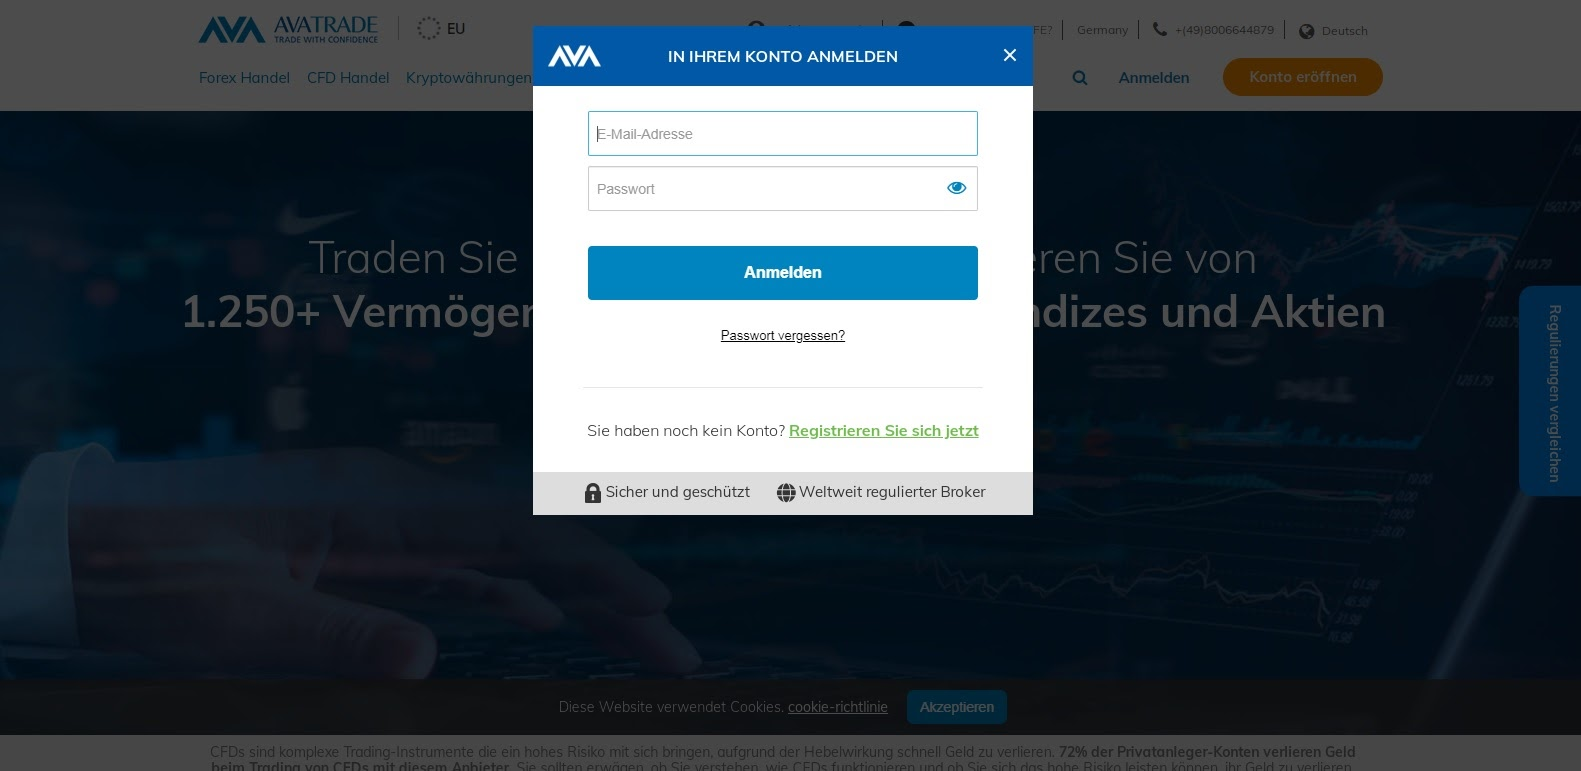 Ouverture du compte AvaTrade terminée et connexion au compte